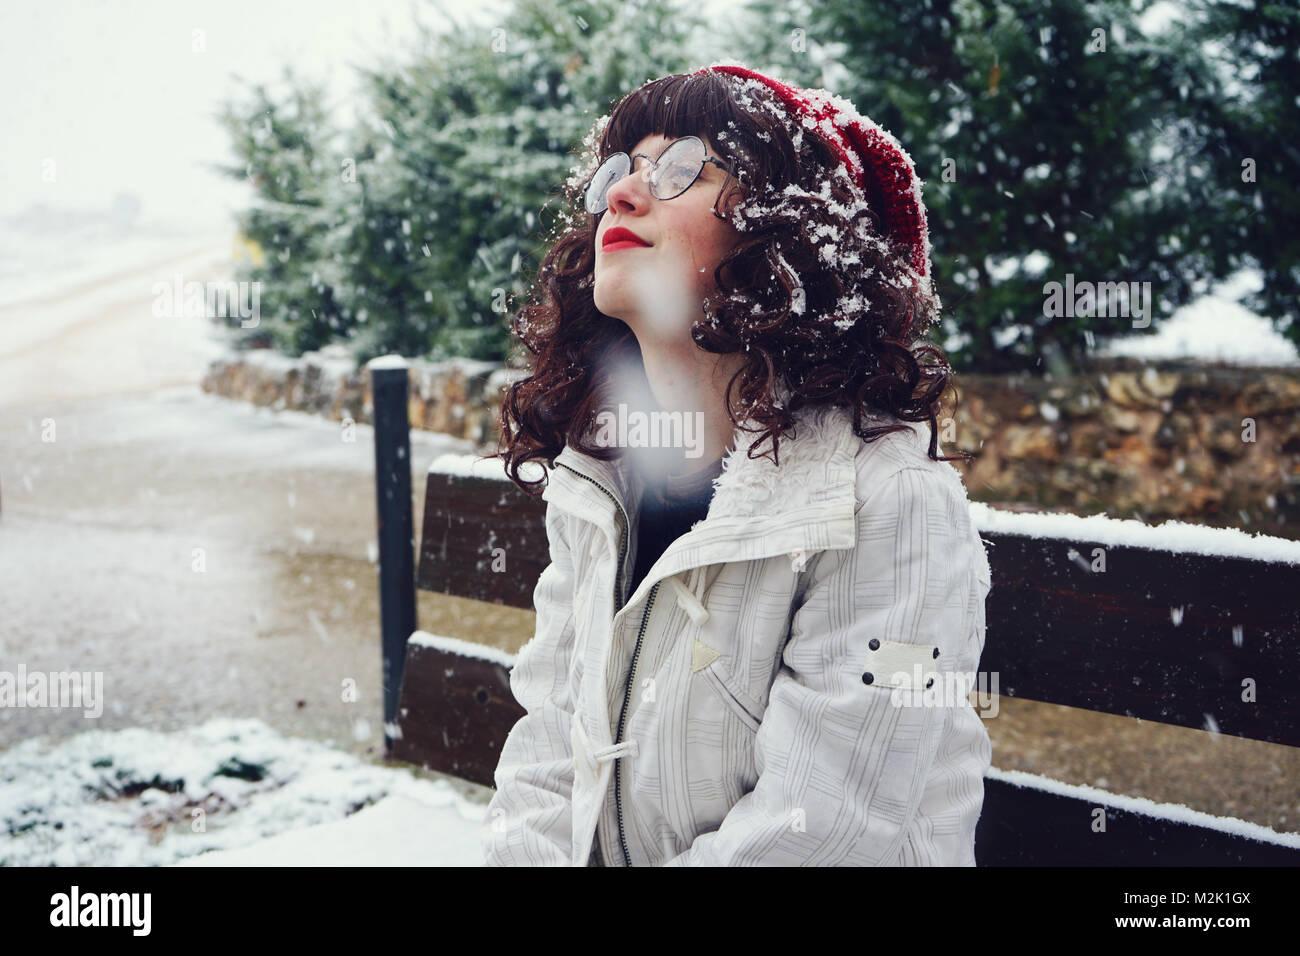 Junge hübsche Frau mit einem verschneiten Tag Stockbild